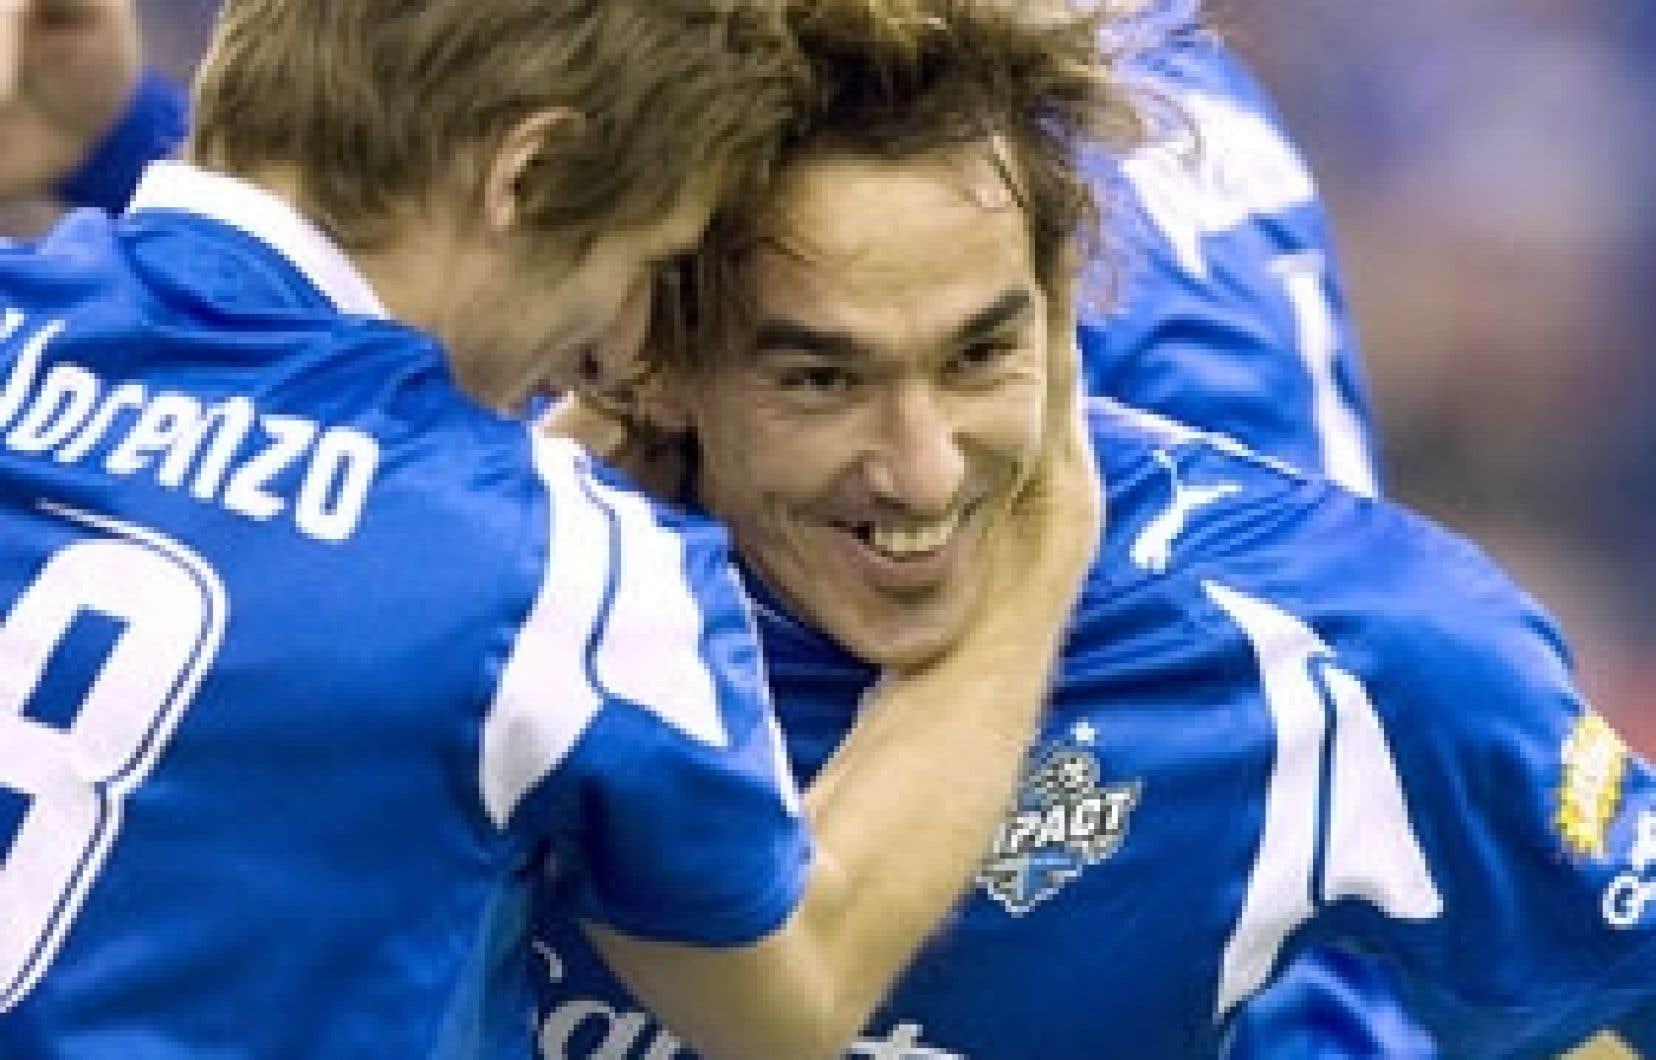 Grâce à ses deux buts, mercredi, Eduardo Sebrango s'est chargé de garder le rêve des joueurs montréalais bien vivant.